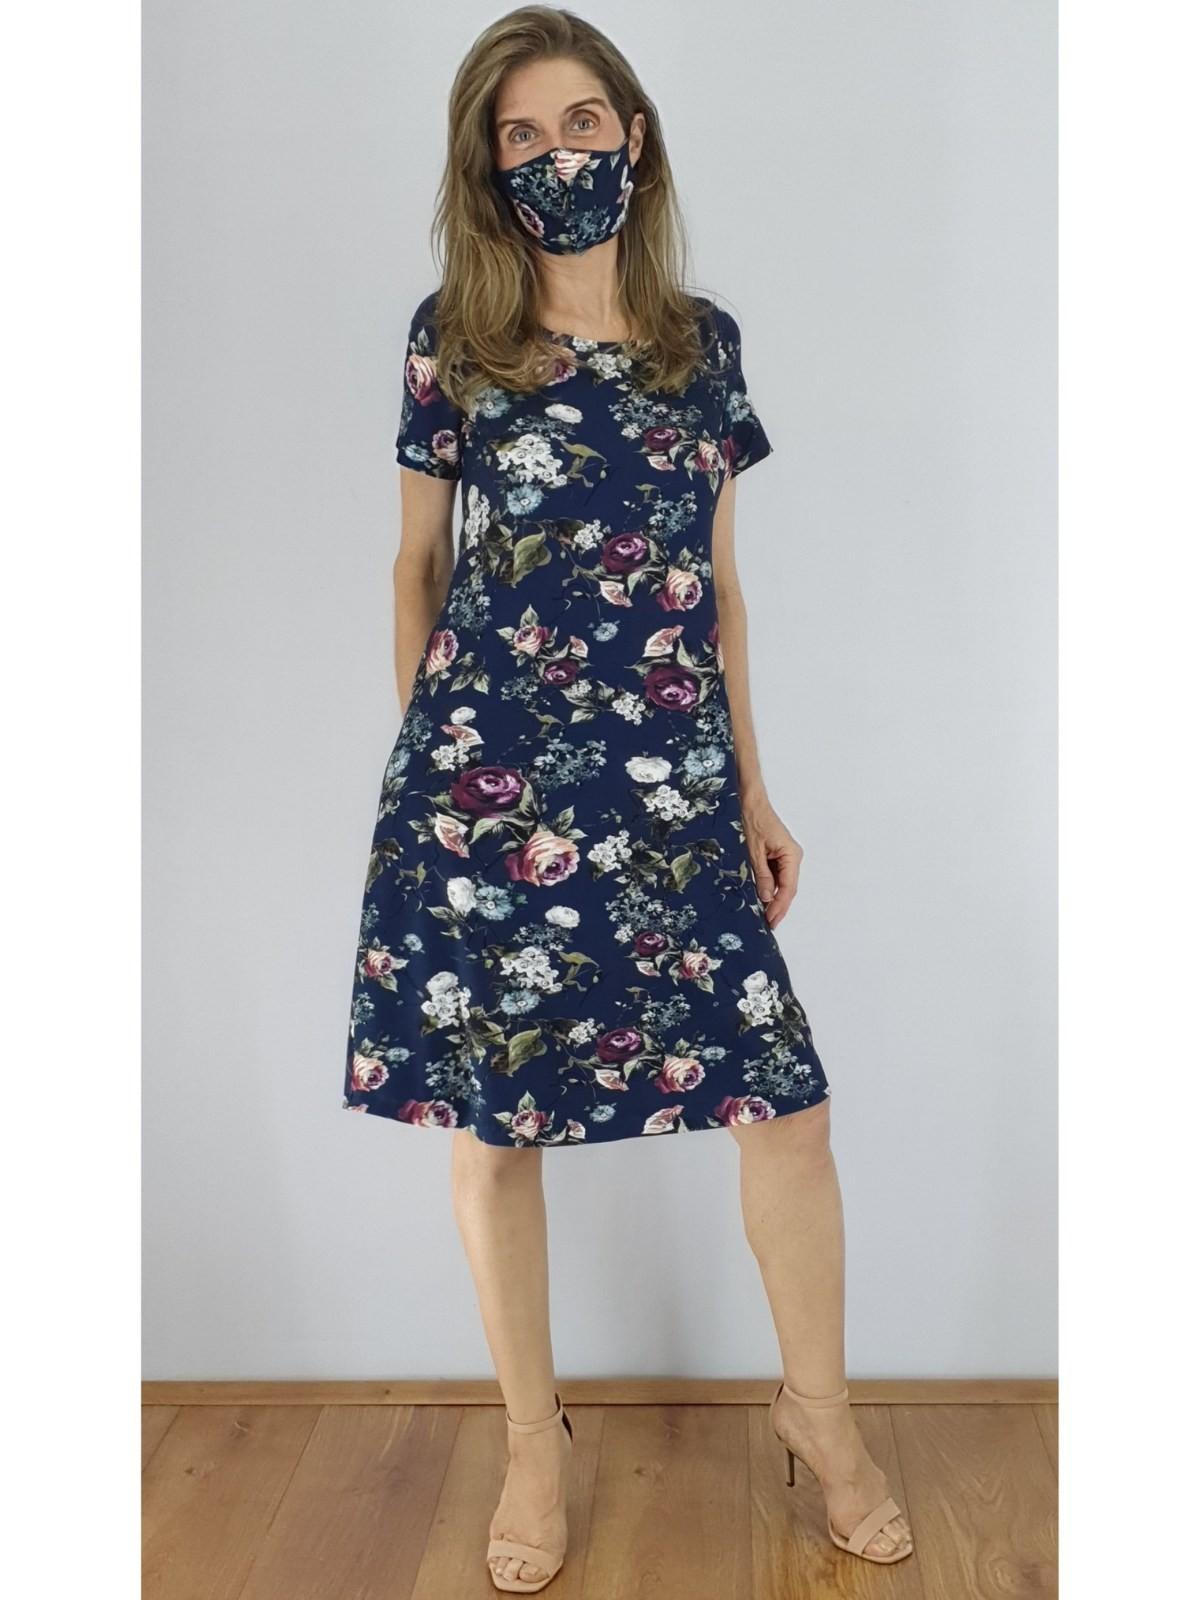 Vestido Malha Digital Estampada em 2 Cores